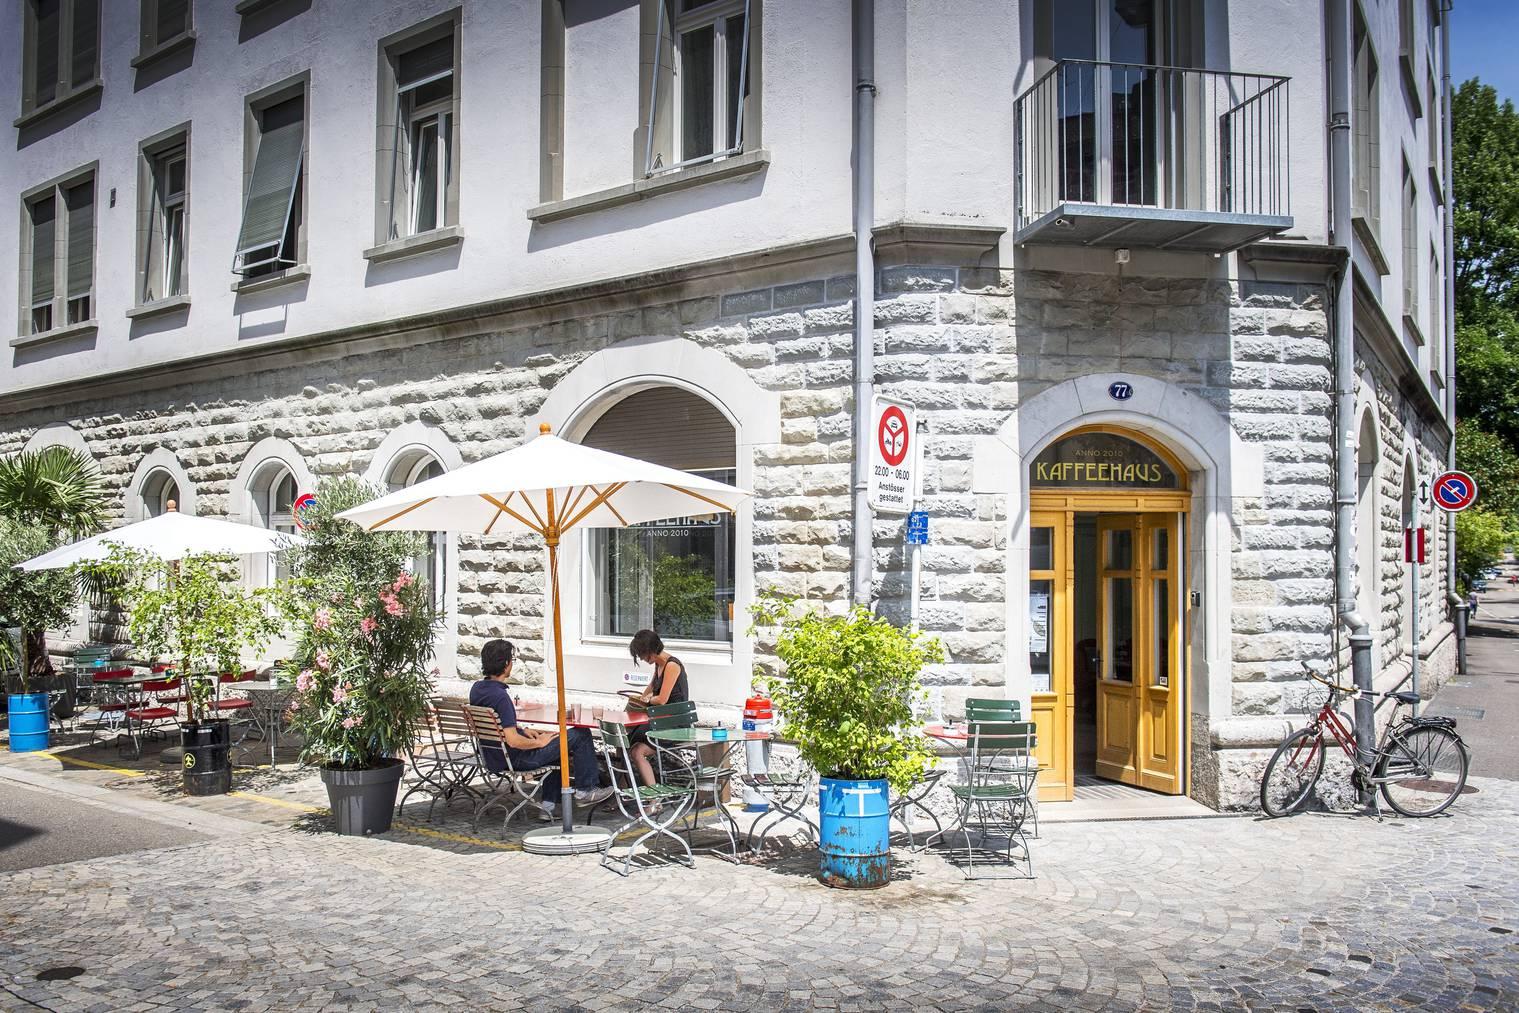 Das Kaffeehaus im Linsebühl hat seine eigene Röstmanufaktur. (Bild: Urs Bucher/Tagblatt)